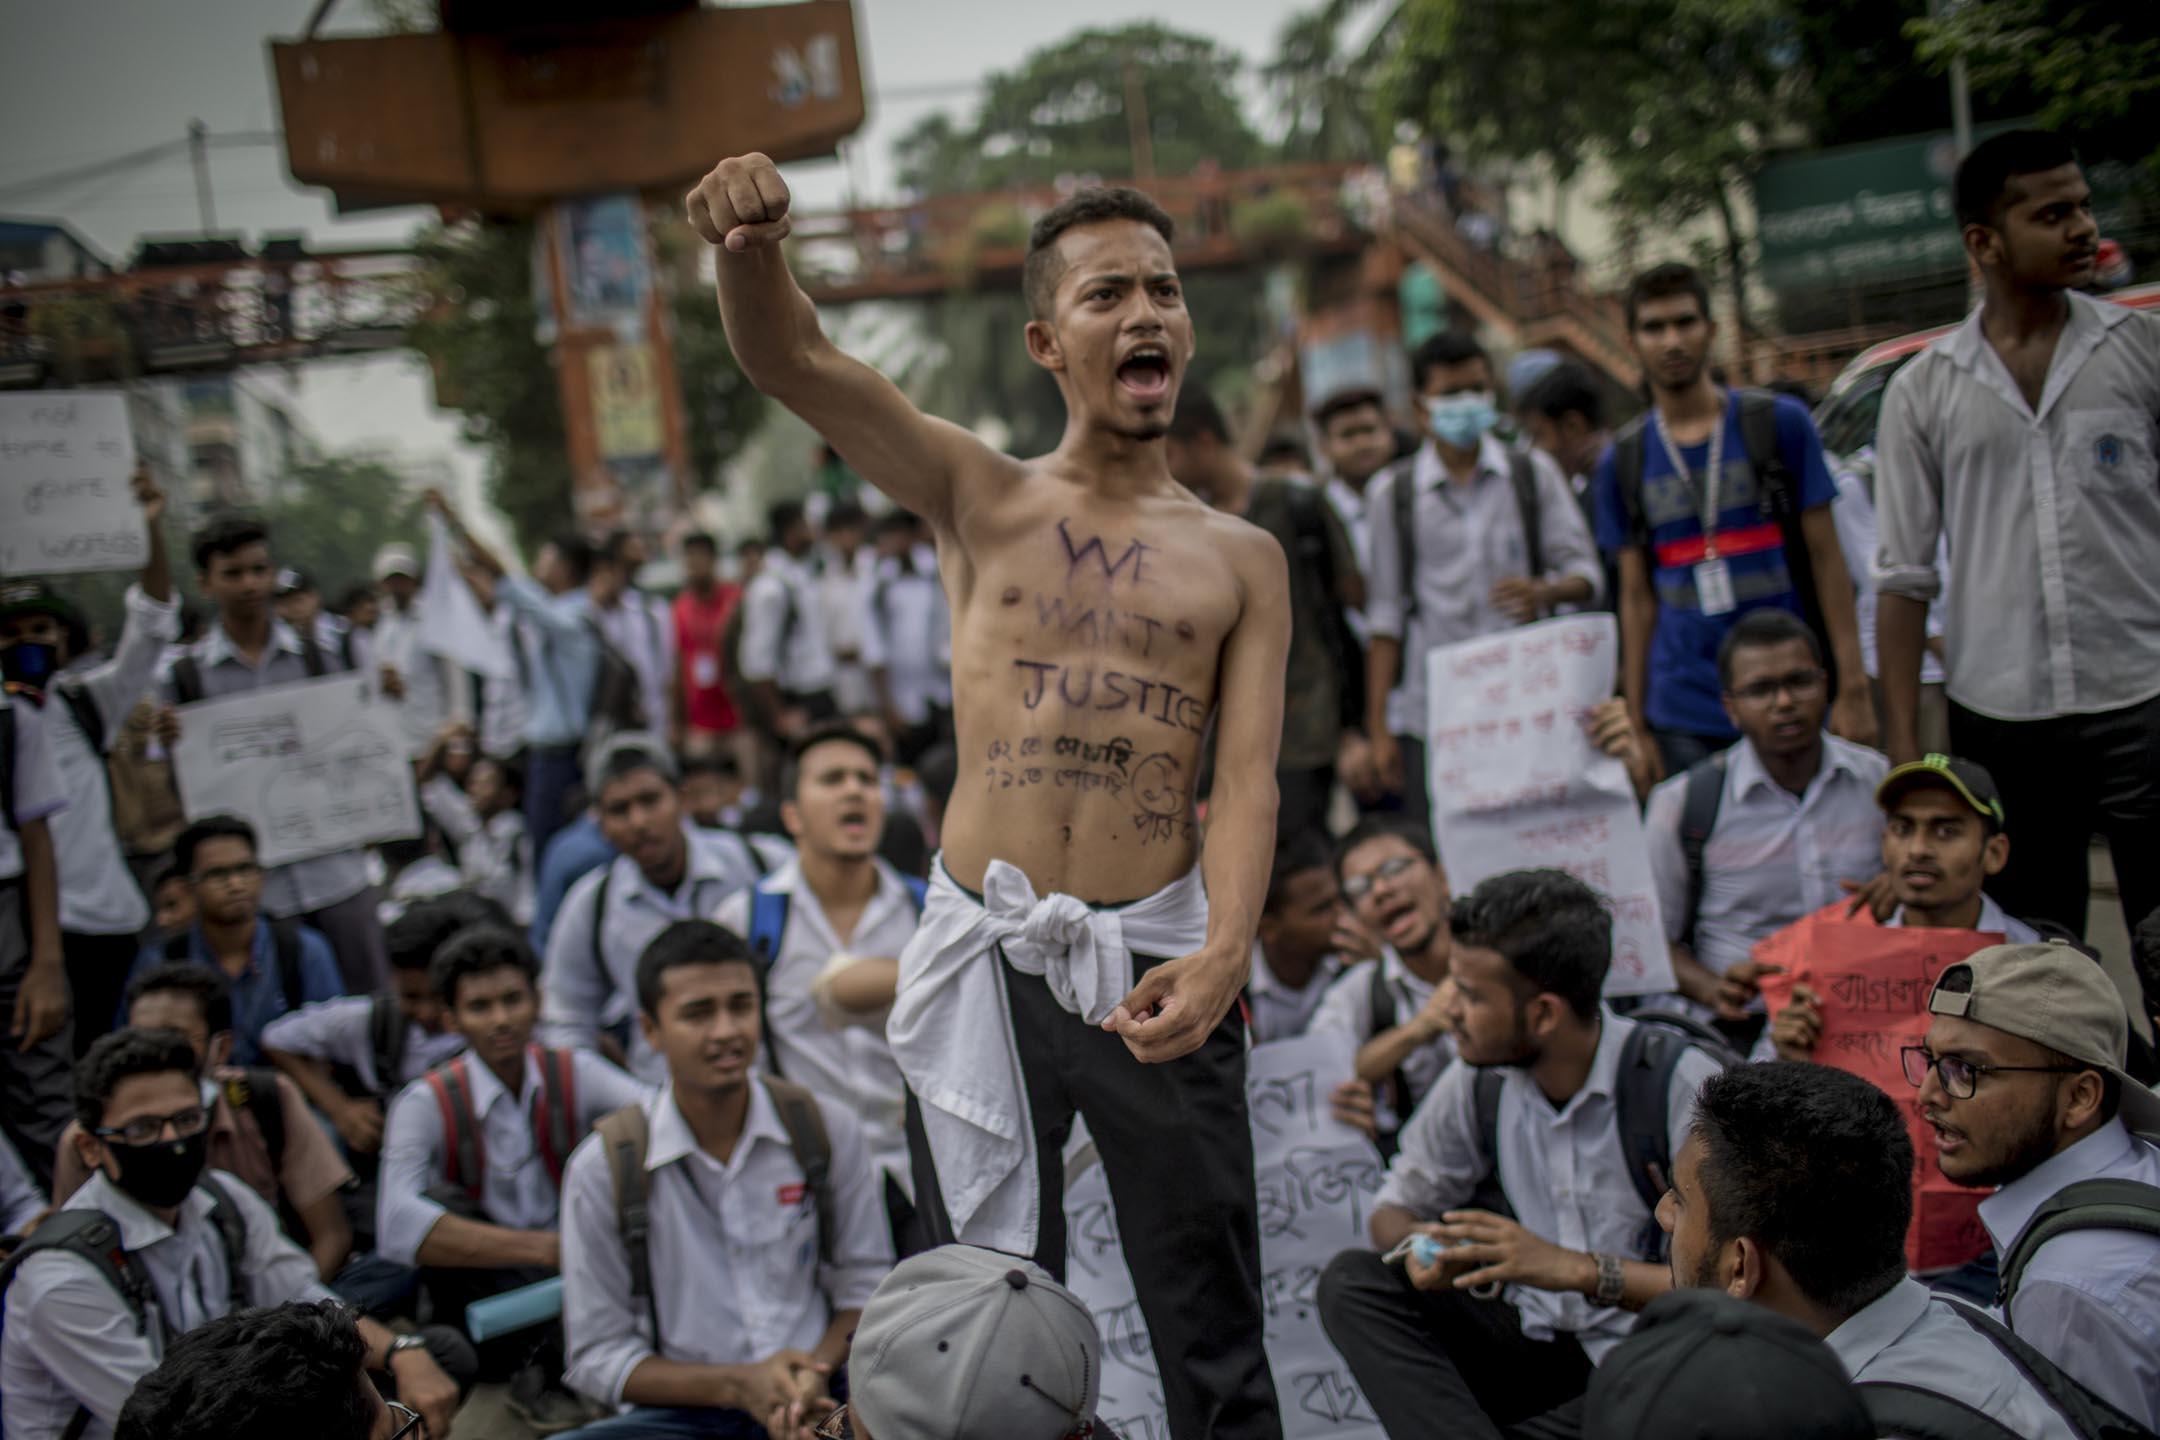 2018年8月4日,孟加拉學生連續一周走上首都達卡(Dhaka)街頭抗議及癱瘓市內交通,以抗議7月29日一宗公車車禍事故,要求政府管制混亂的交通。  攝:Turjoy Chowdhury/NurPhoto via Getty Images